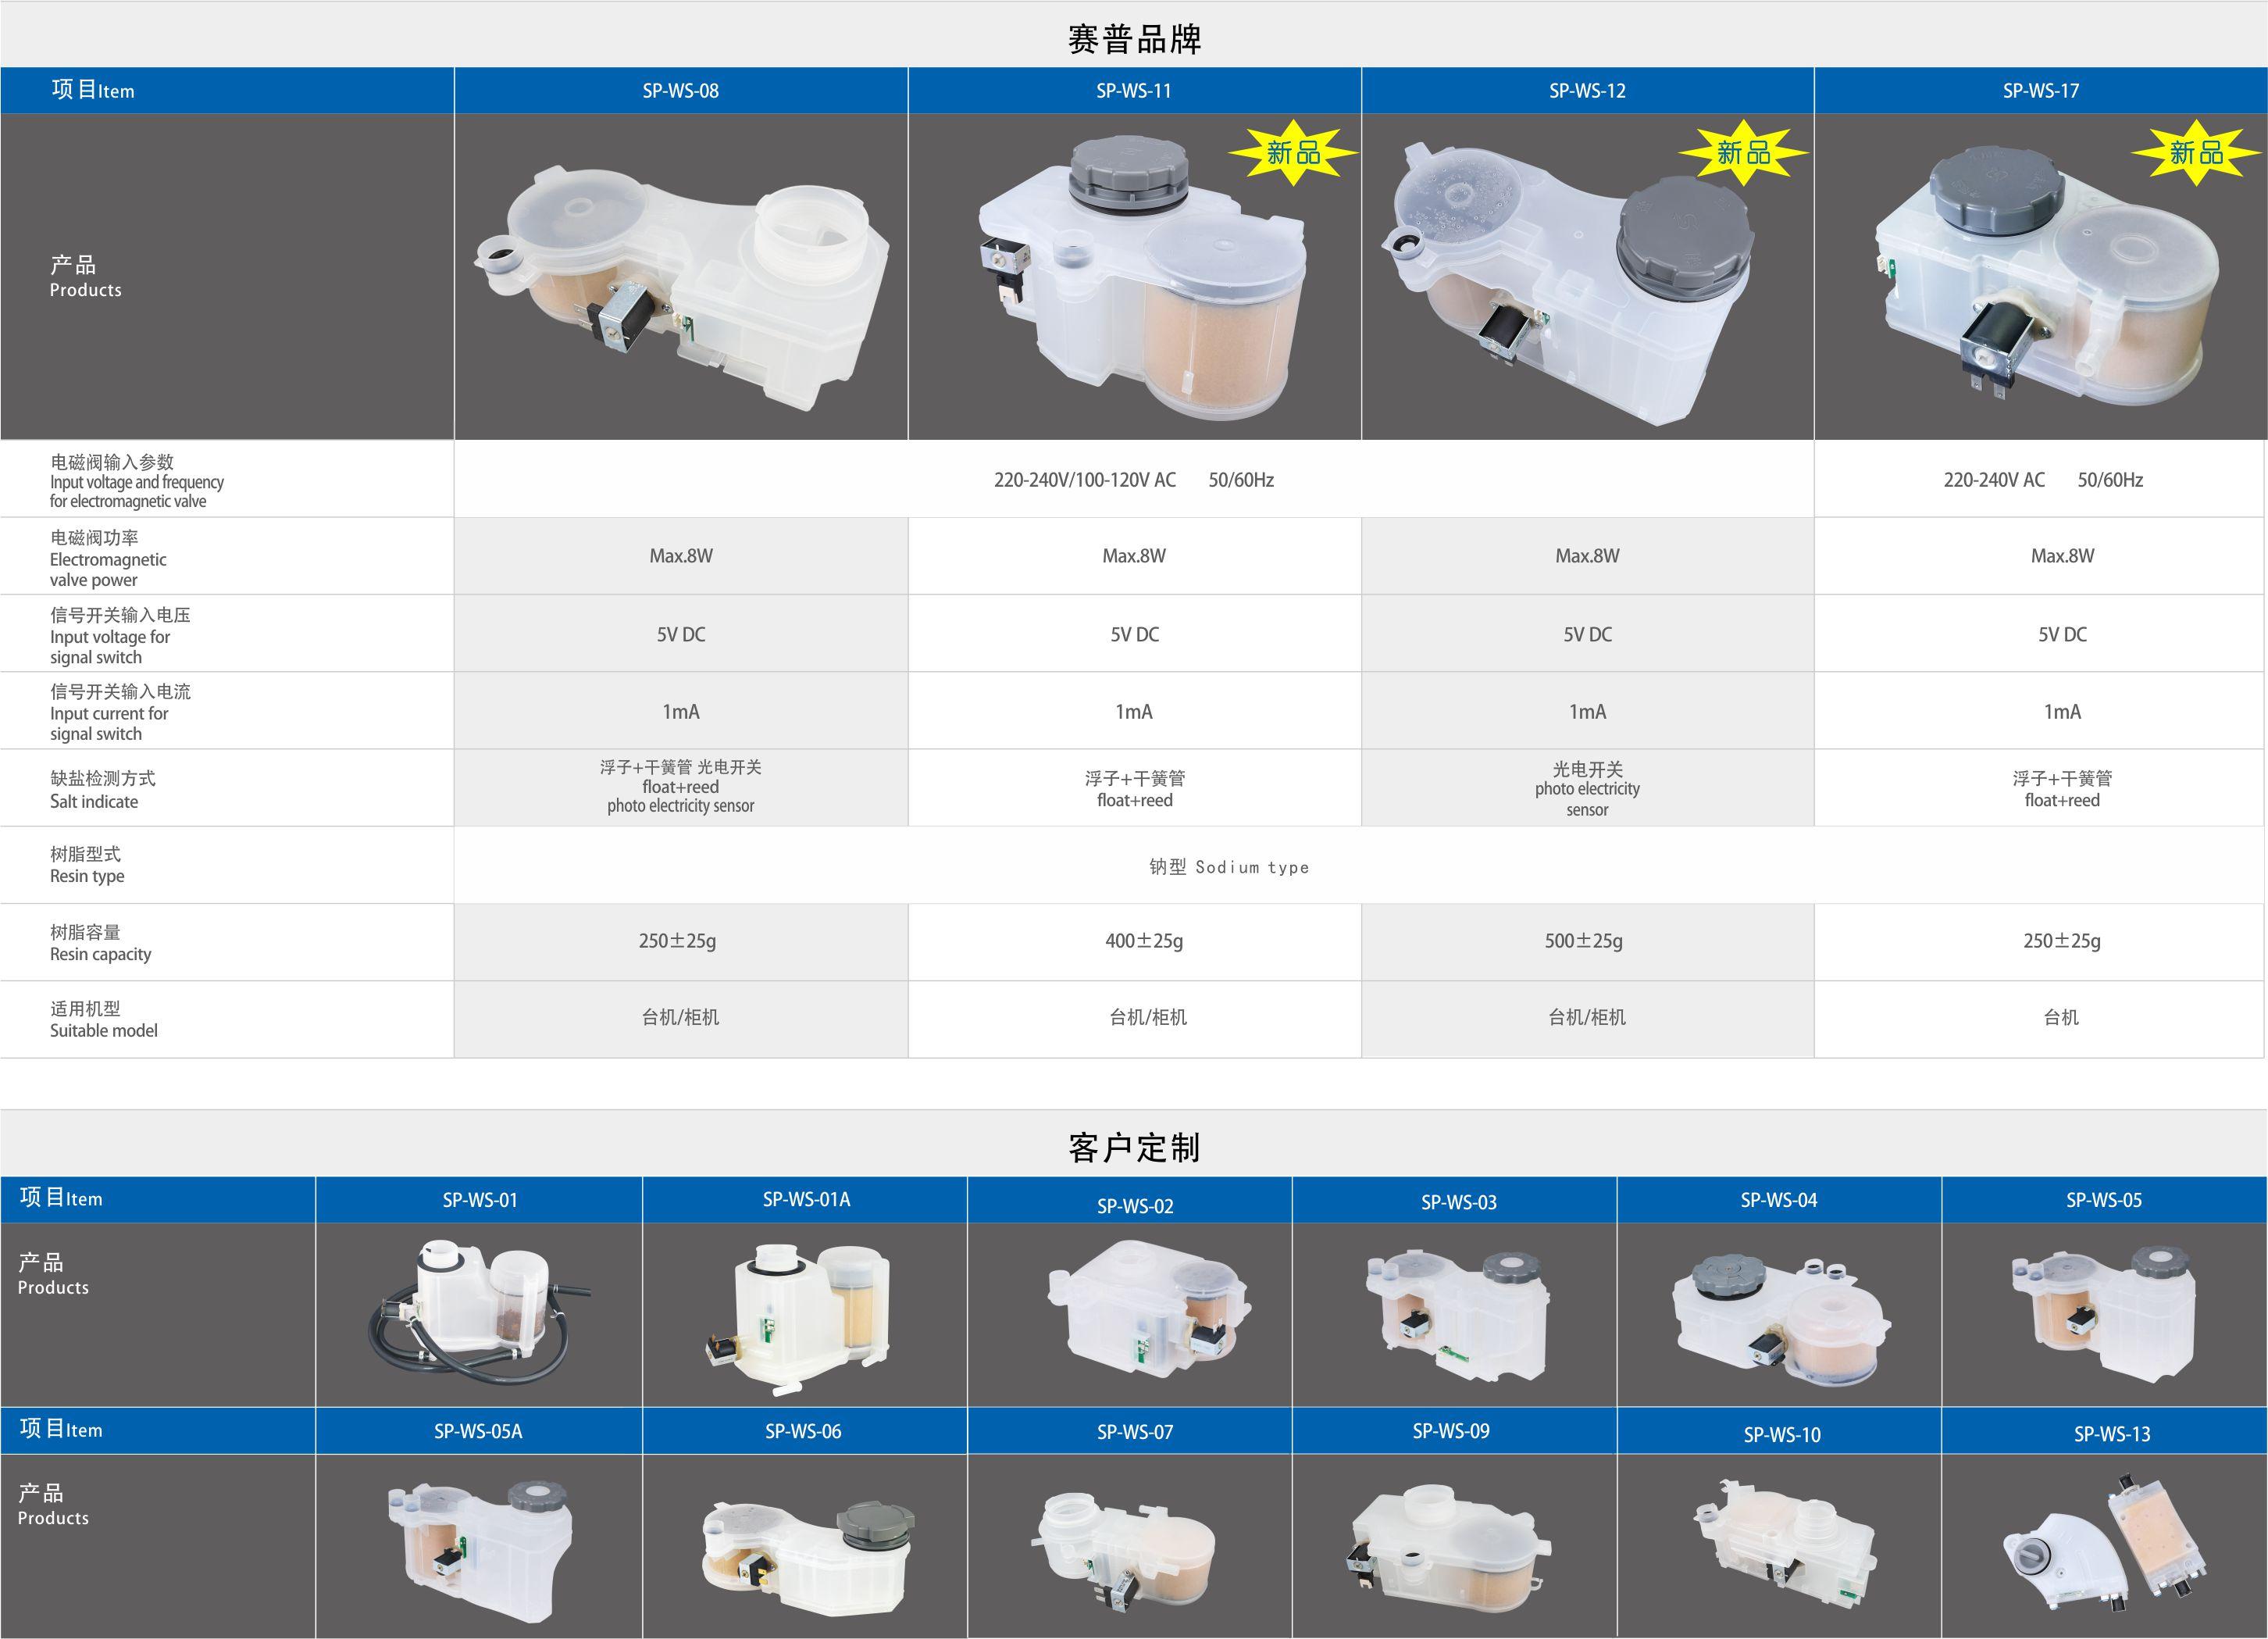 软水器test.jpg